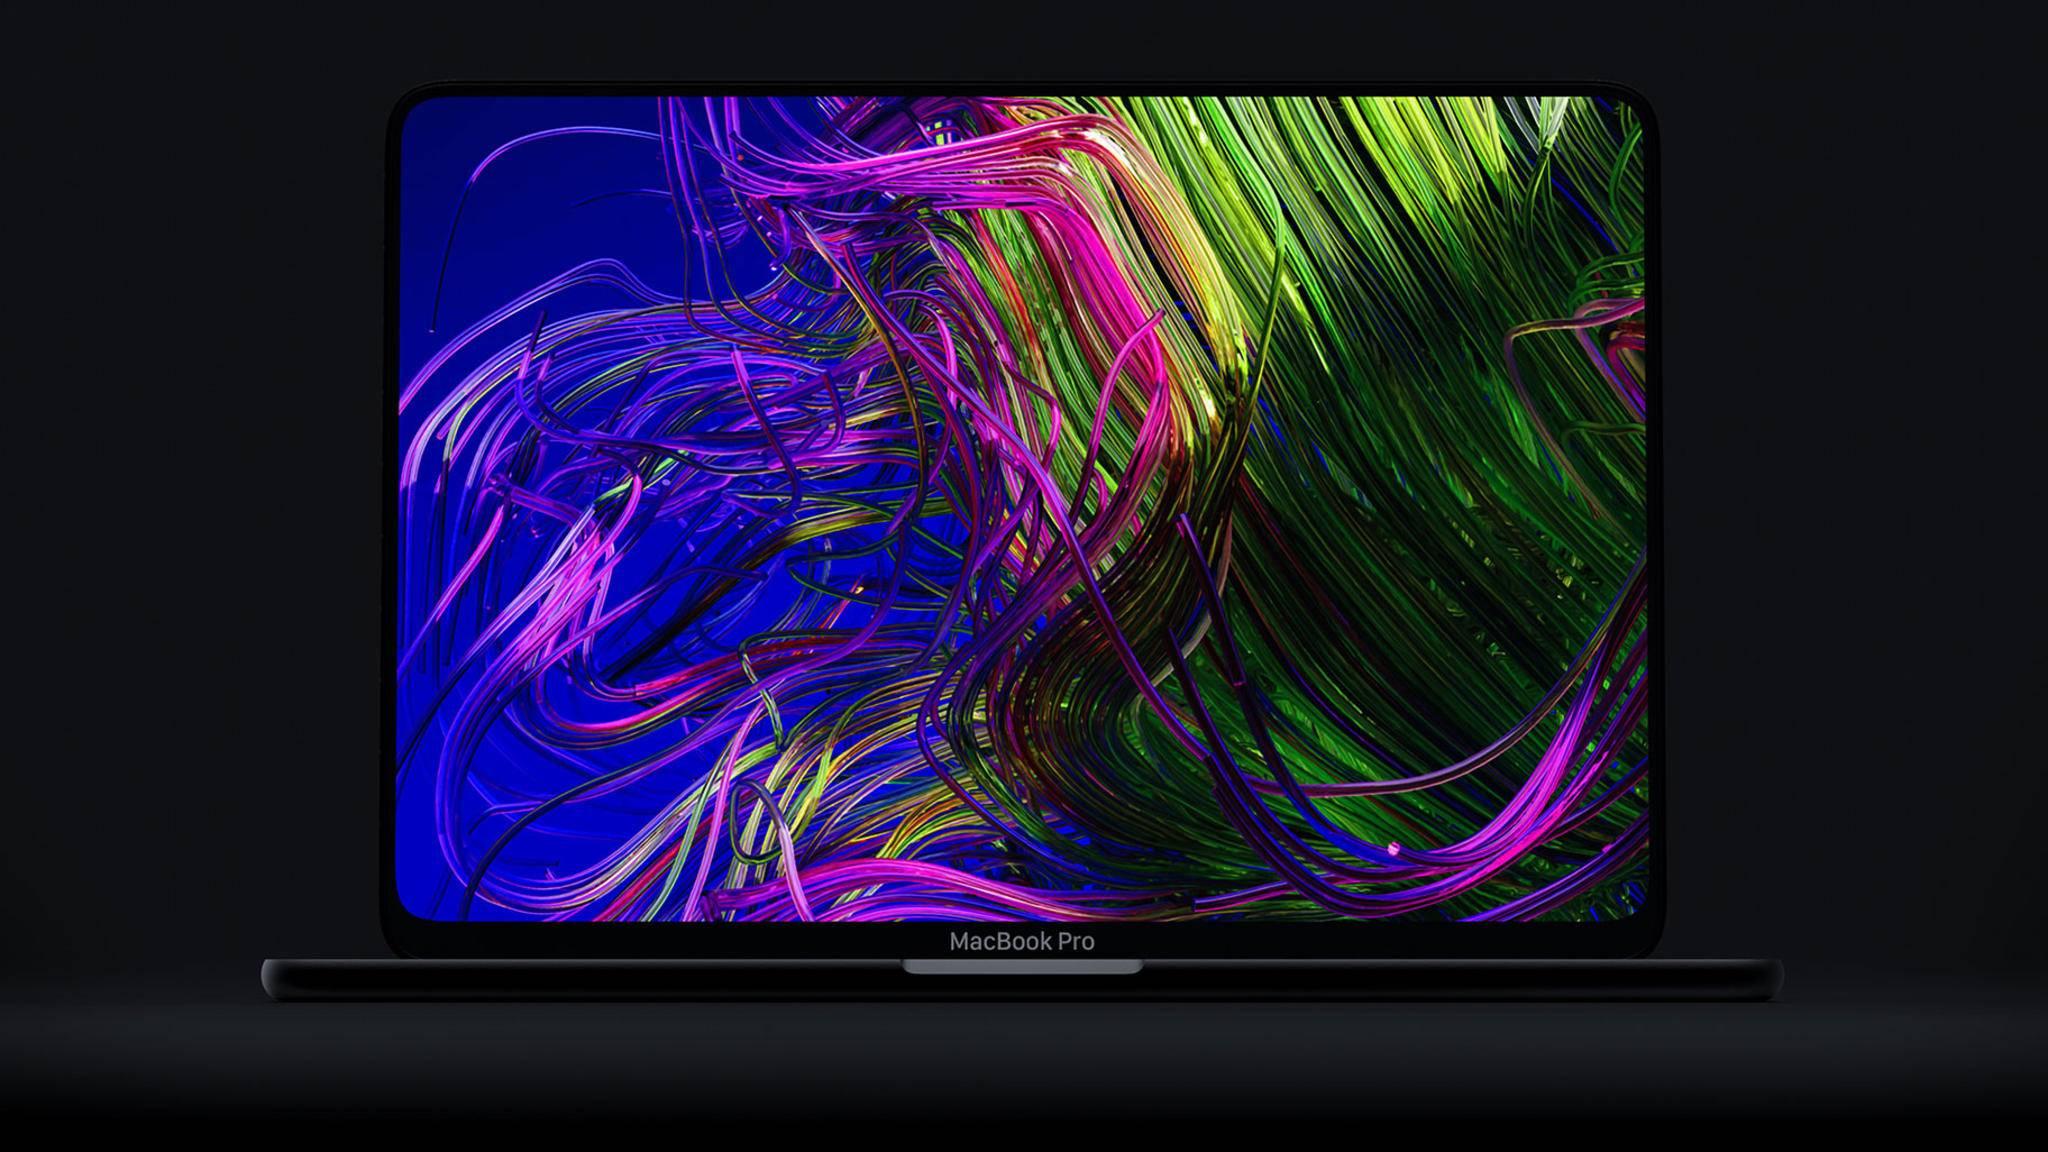 Deutlich schmalere Displayränder: So stellt sich ein Designer das neue MacBook Pro 2019 vor.